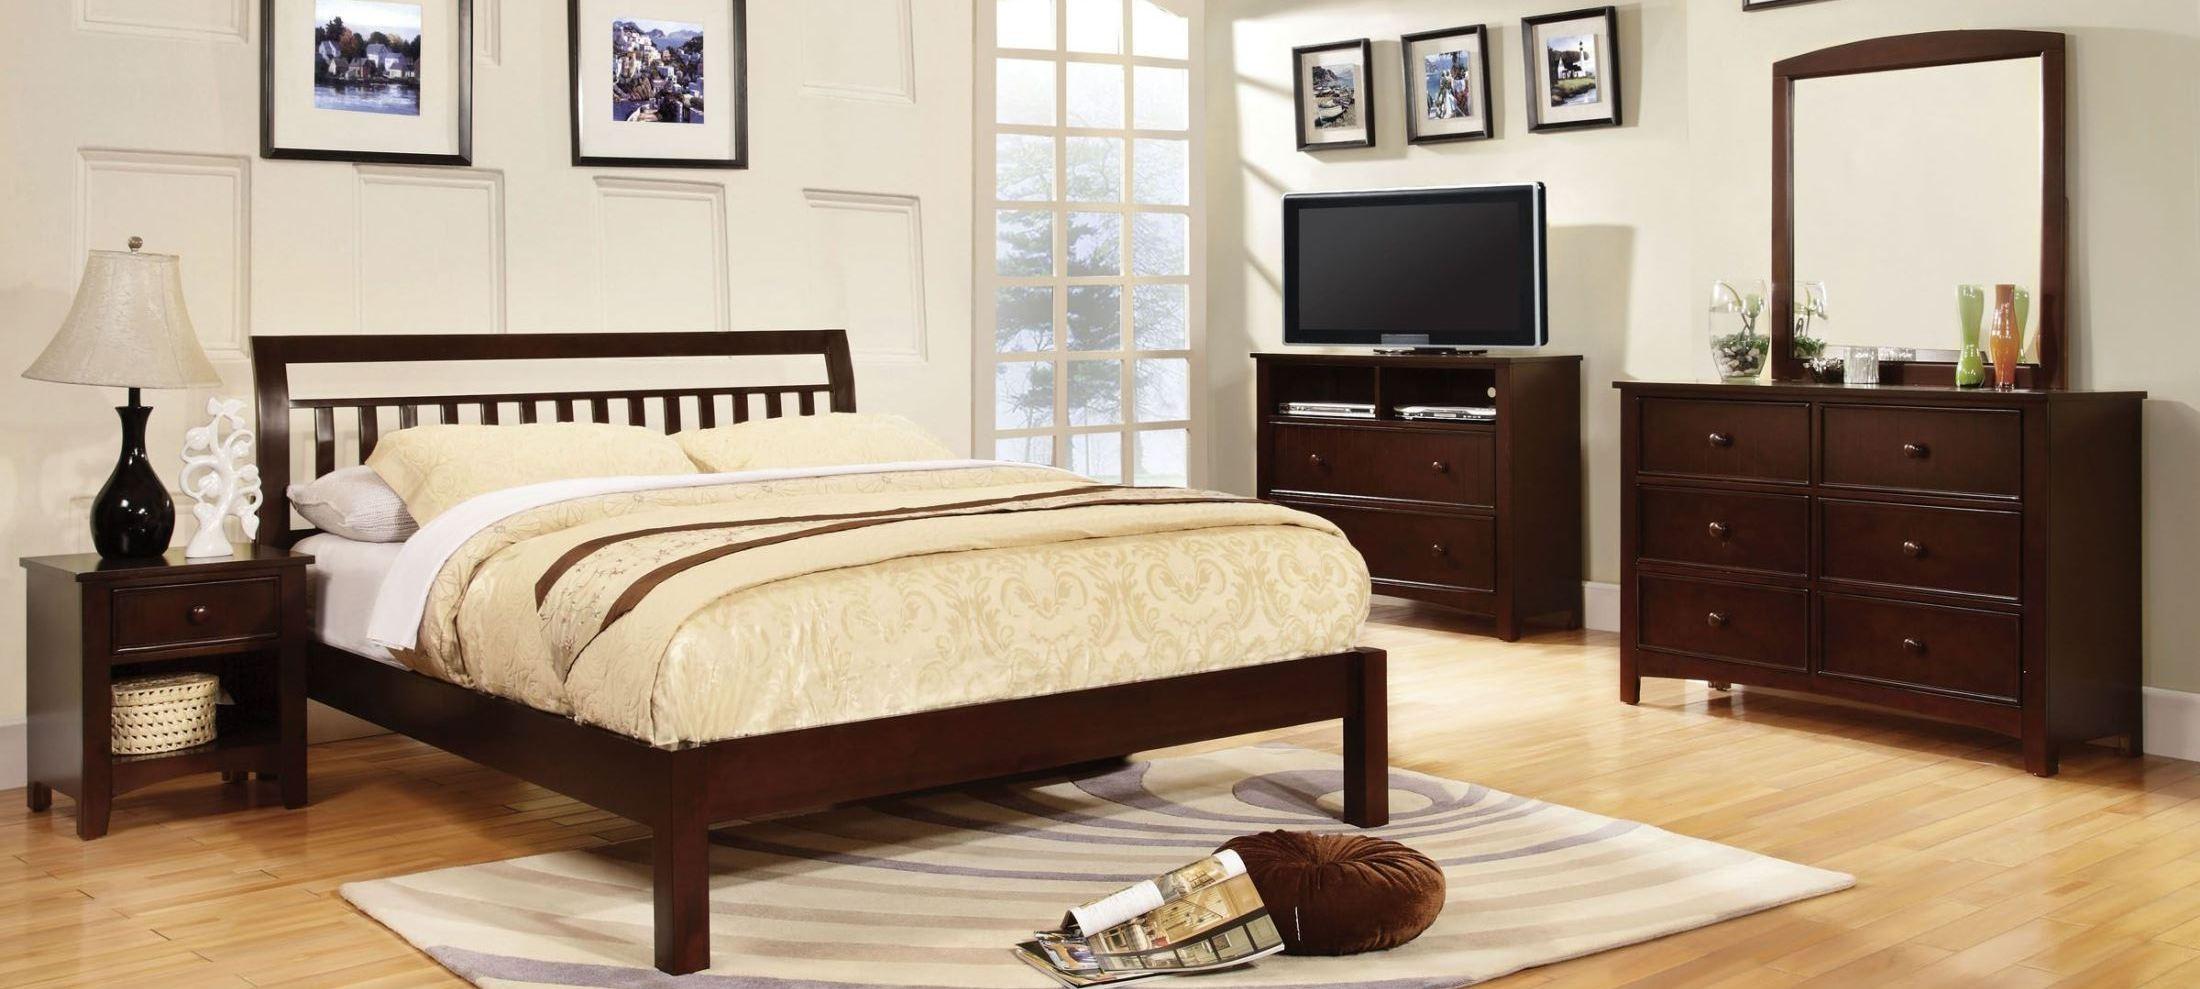 Corry dark walnut platform bedroom set from furniture of for Walnut bedroom furniture